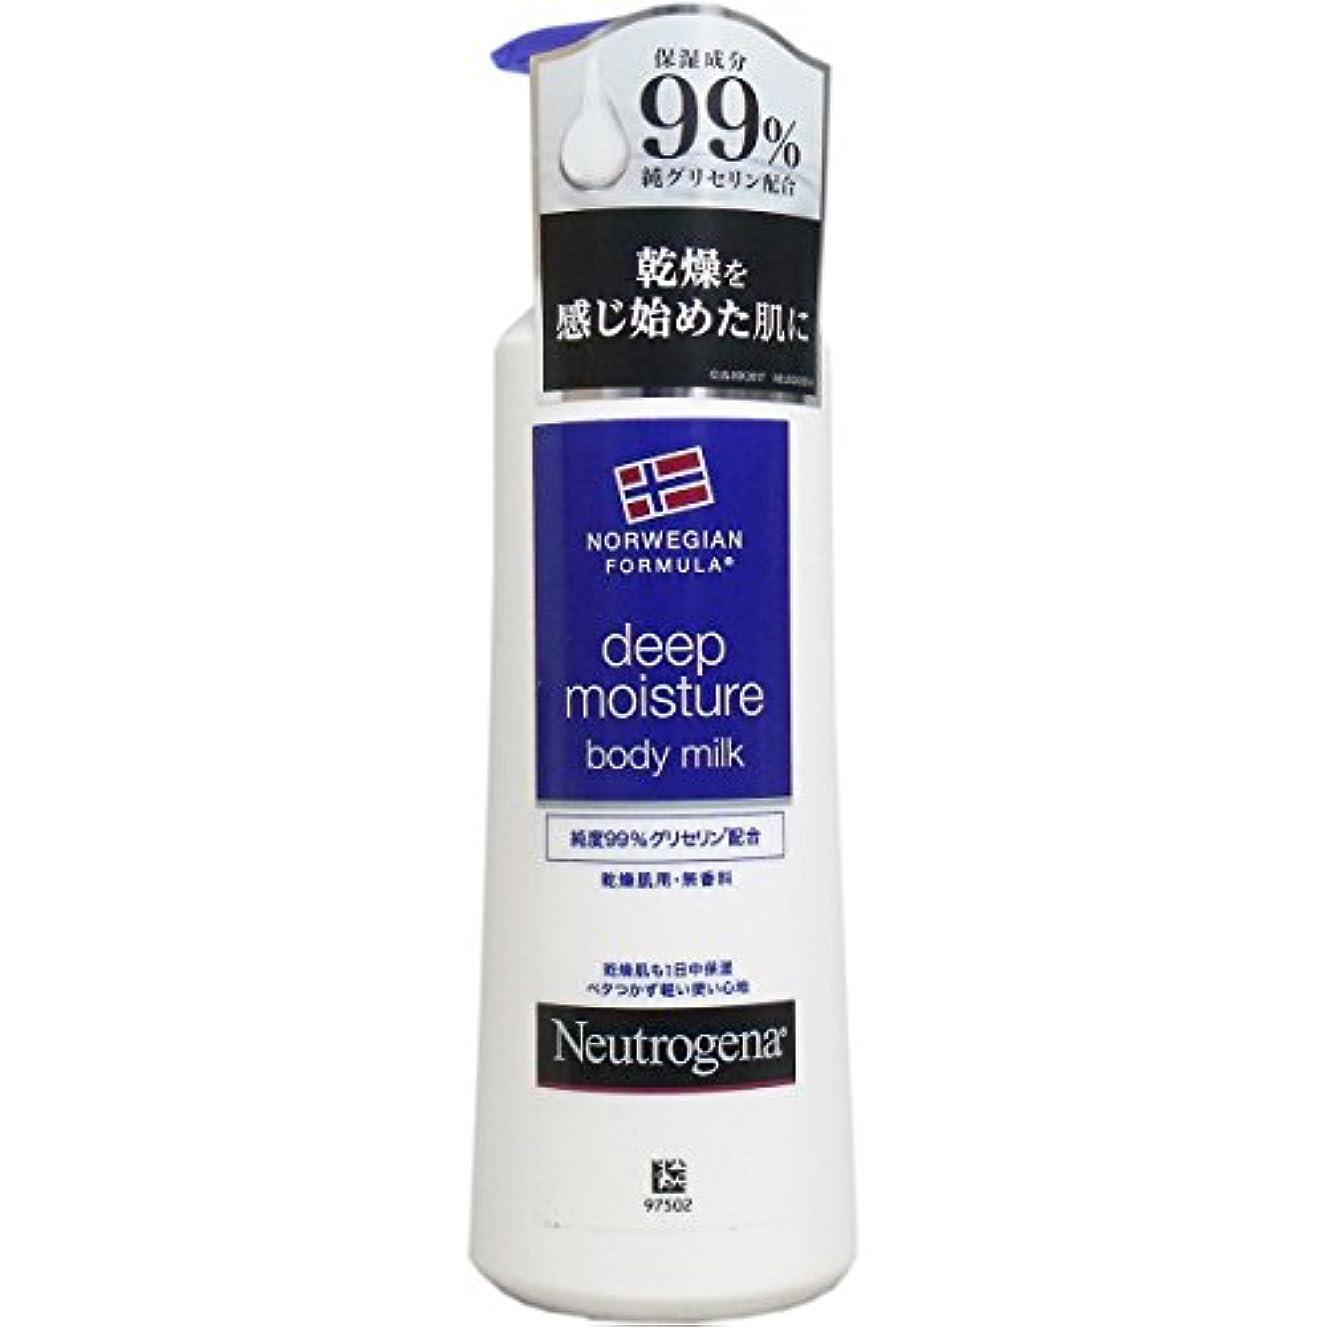 品種国籍仲良し【まとめ買い】Neutrogena(ニュートロジーナ) ノルウェーフォーミュラ ディープモイスチャー ボディミルク 乾燥肌用 無香料 250ml×4個